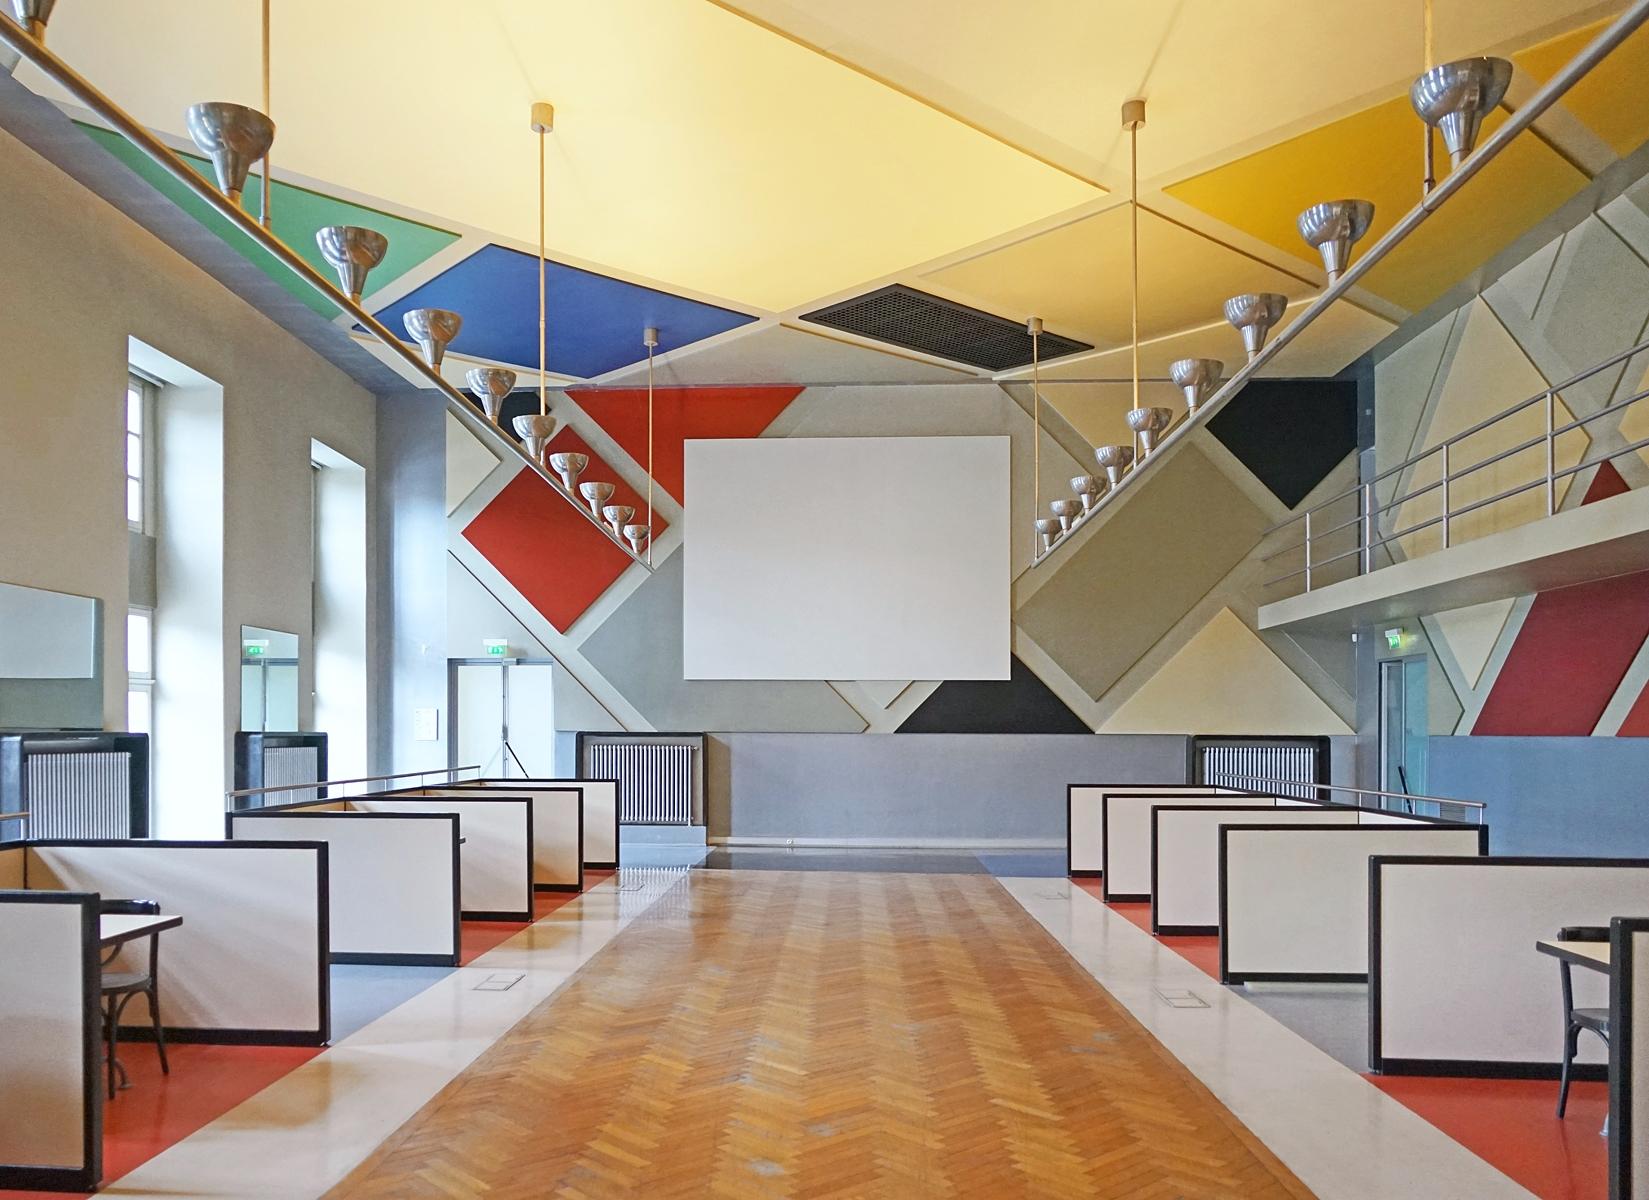 ways of space (2019), aubette, strasbourg, france – exhibition